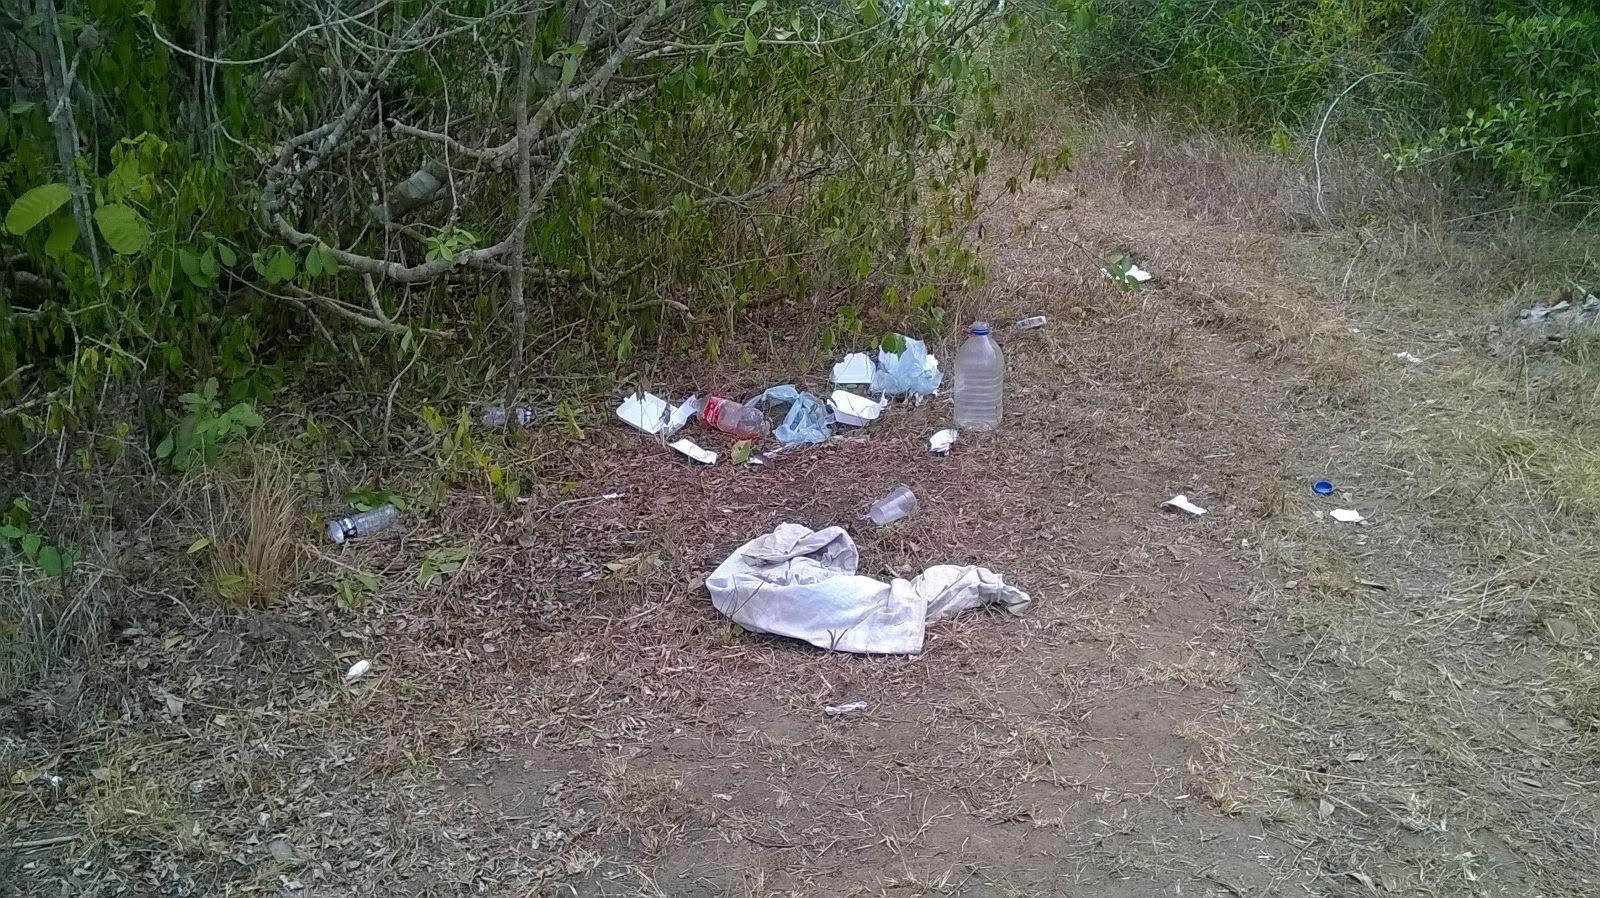 FOTOS Y TESTIMONIOS DE SOBREVIVIENTES: Este fue el sitio donde ocurrió la masacre de Tumeremo